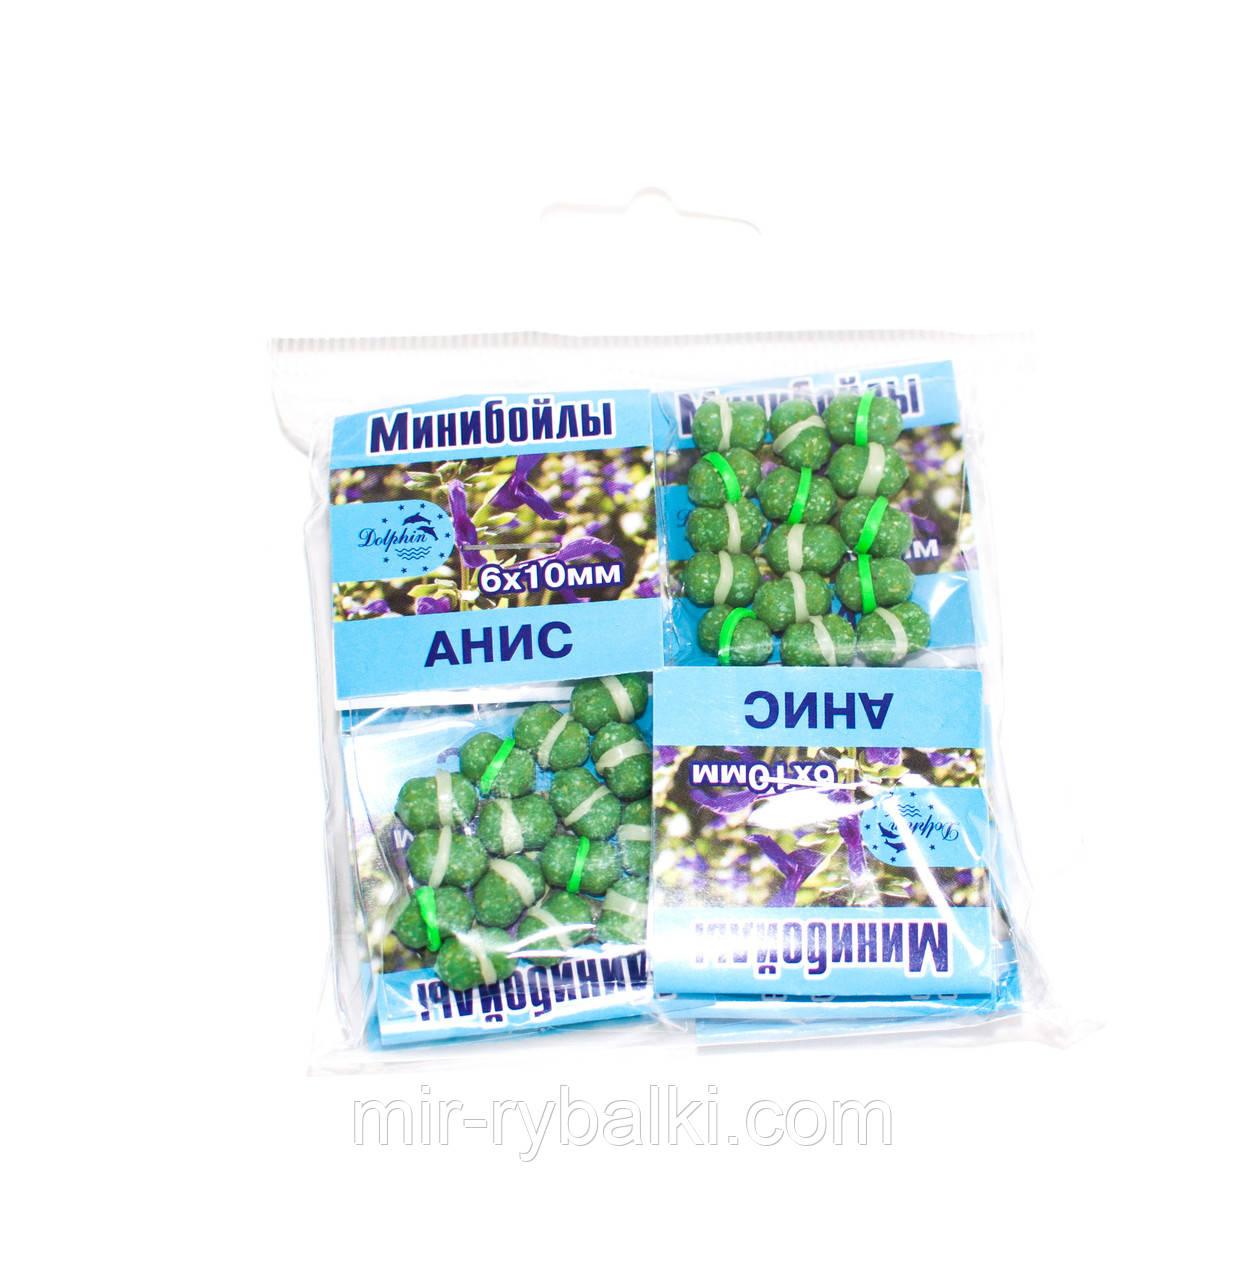 Минибойлы Анис  6*10